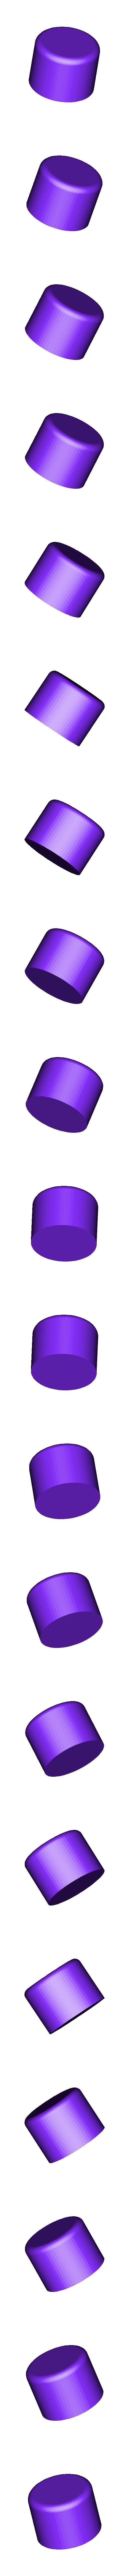 9.stl Télécharger fichier STL gratuit Articulations de la voûte plantaire • Design pour impression 3D, indigo4